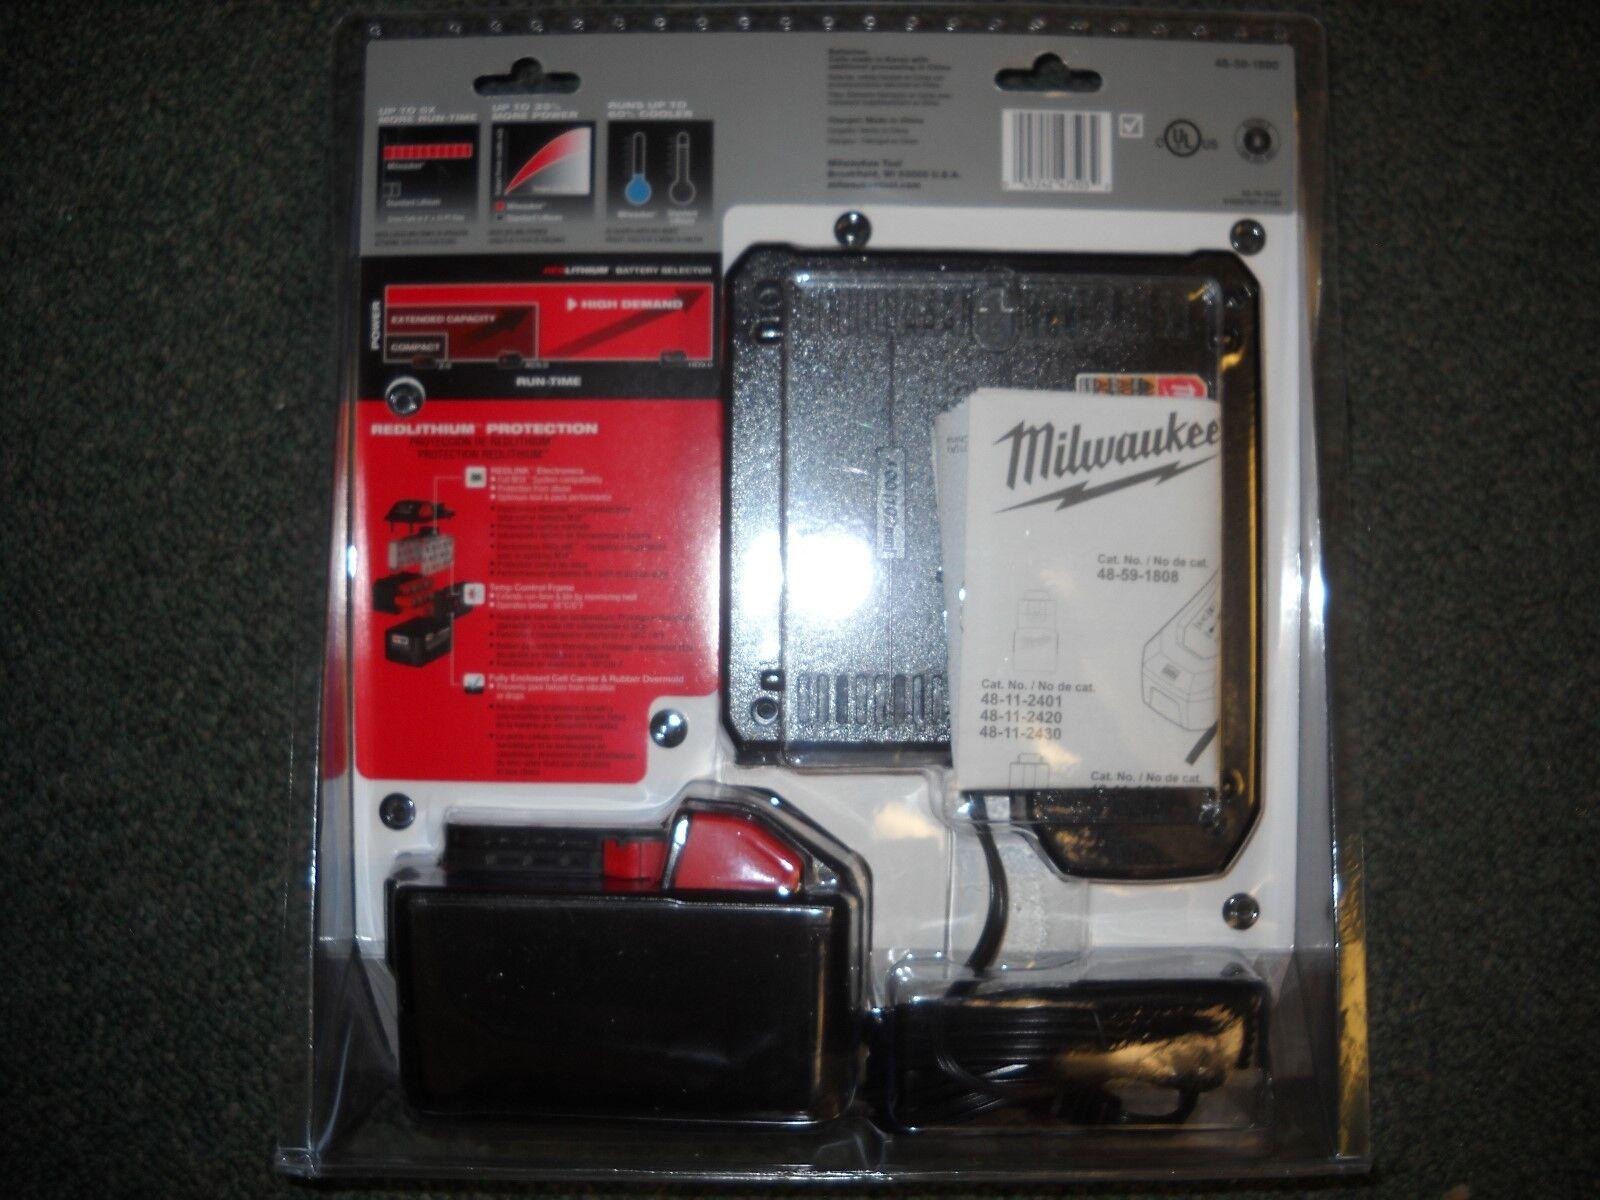 Milwaukee 48-59-1890 M18 REDLITHIUM HD 18V 9.0 Ah Li-Ion Battery Starter Kit NEW 2